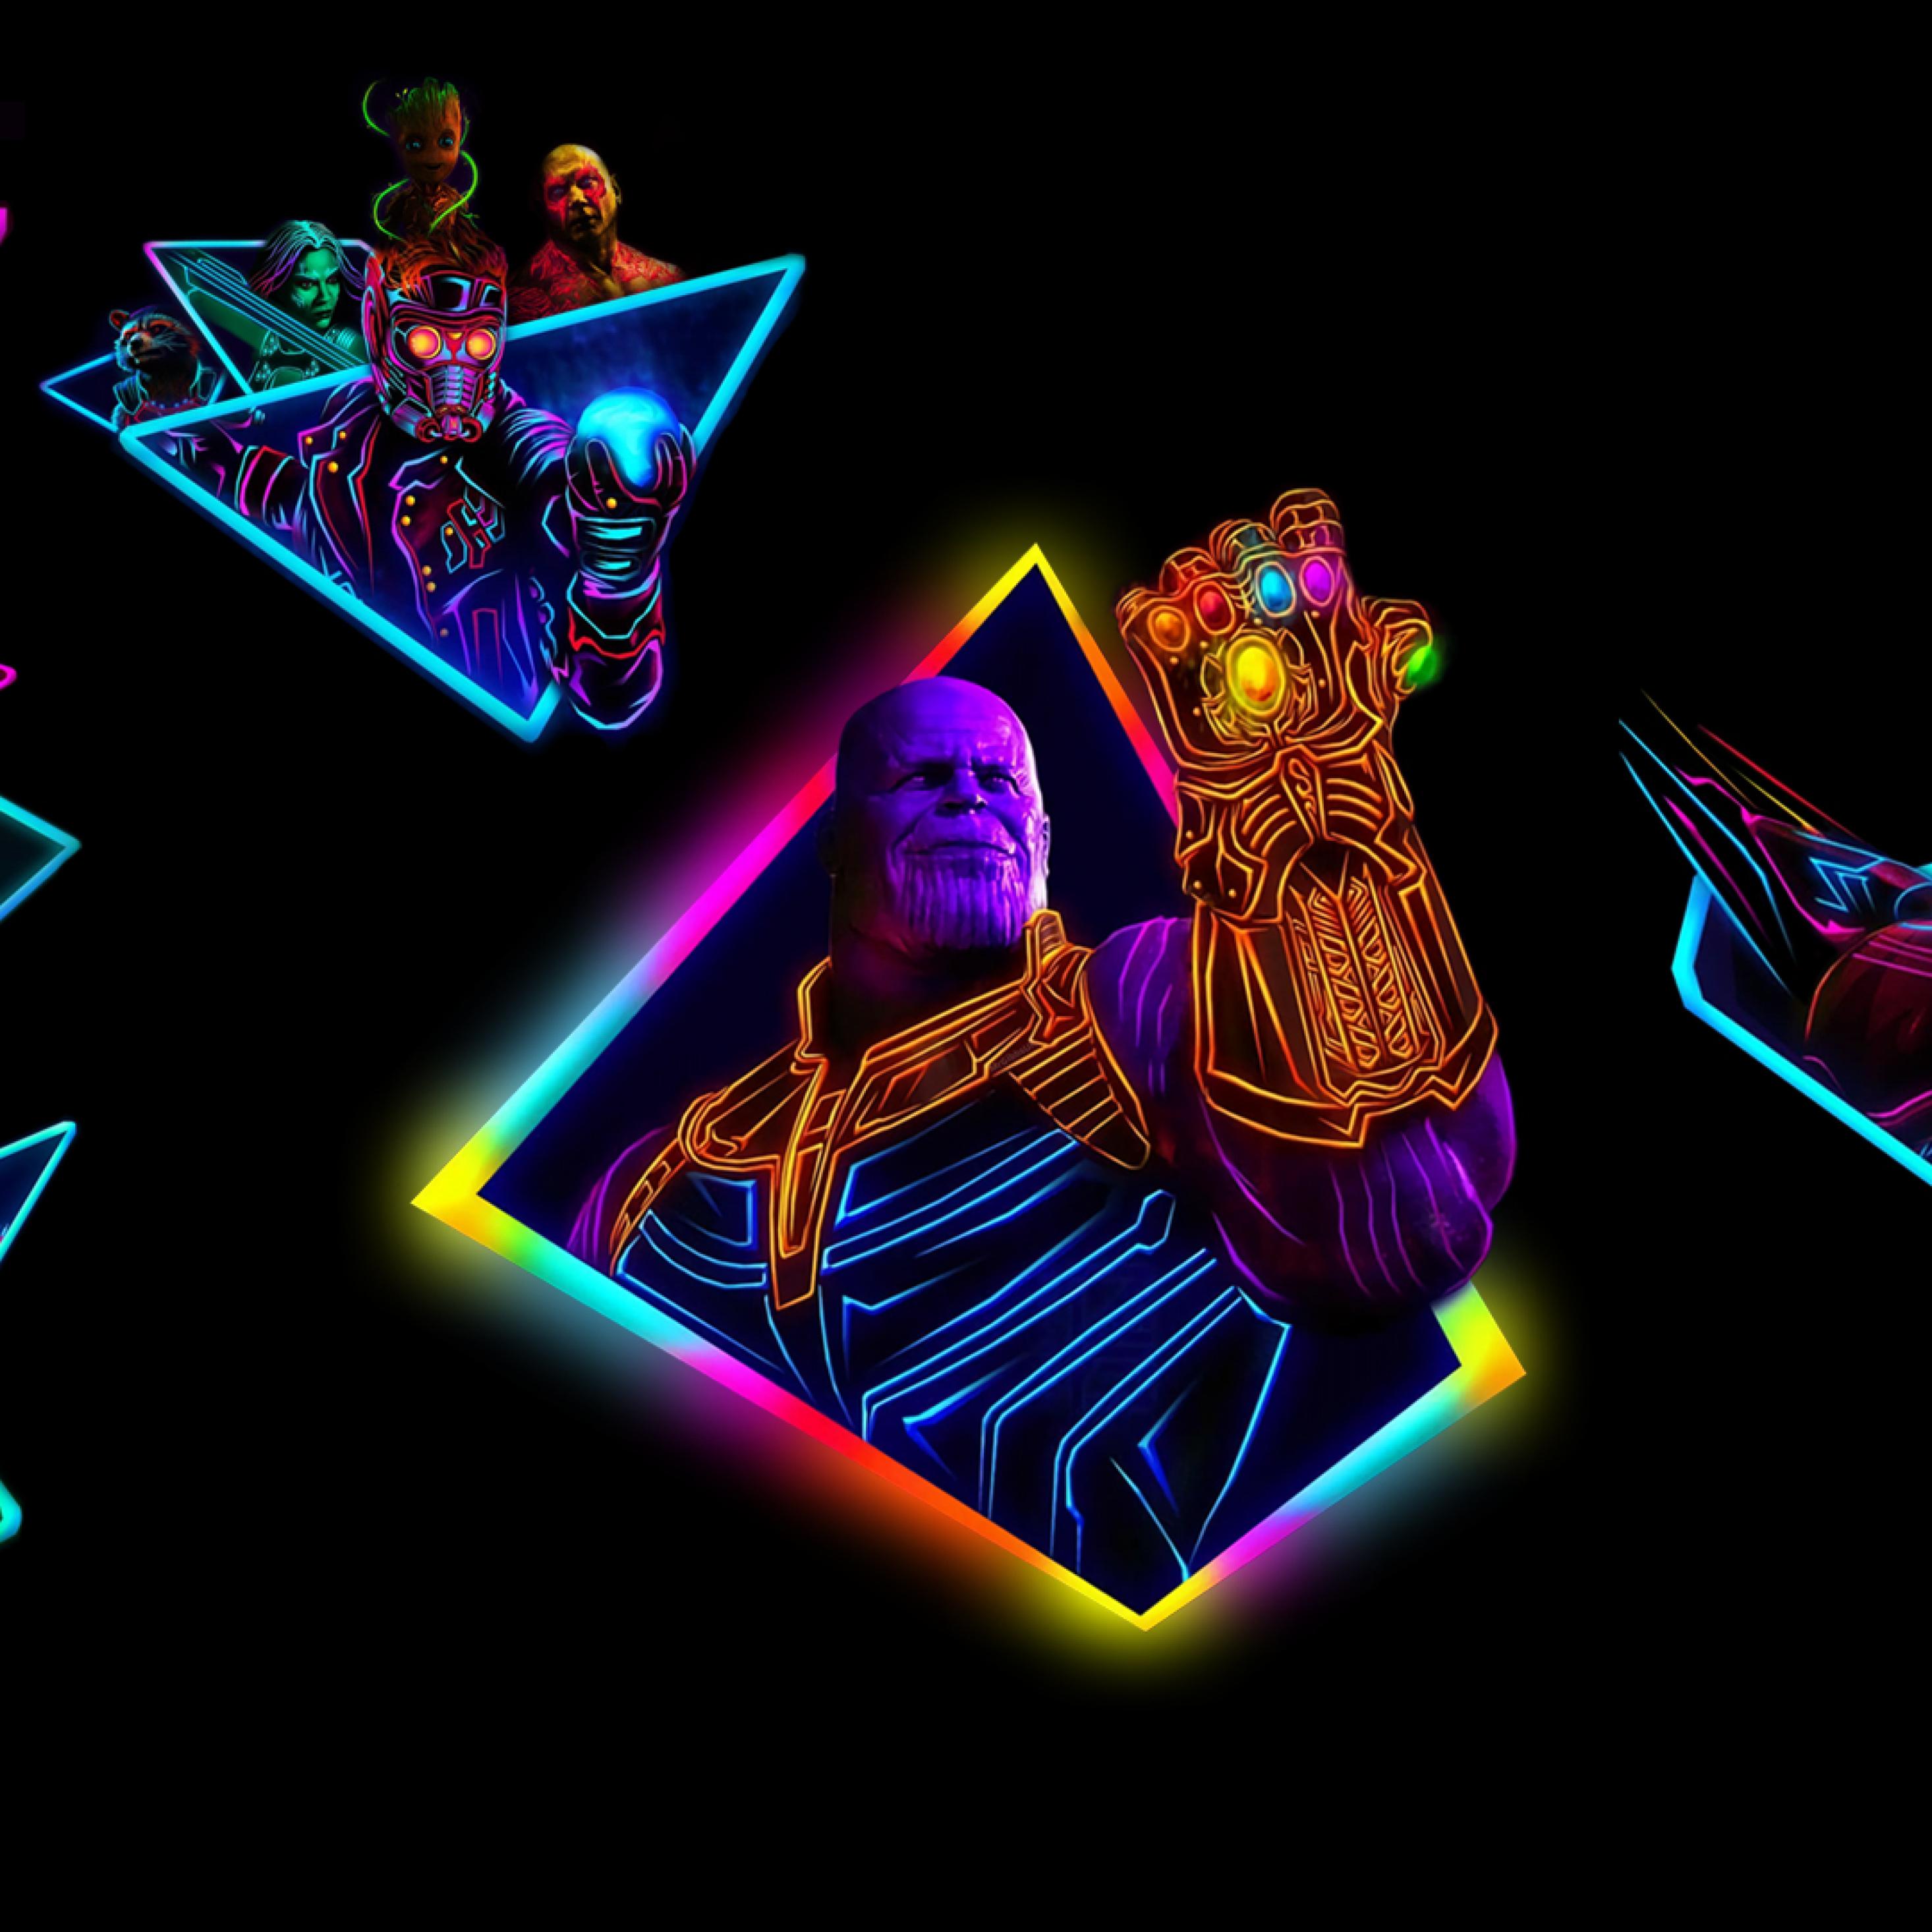 Marvel Neon Wallpaper 4k